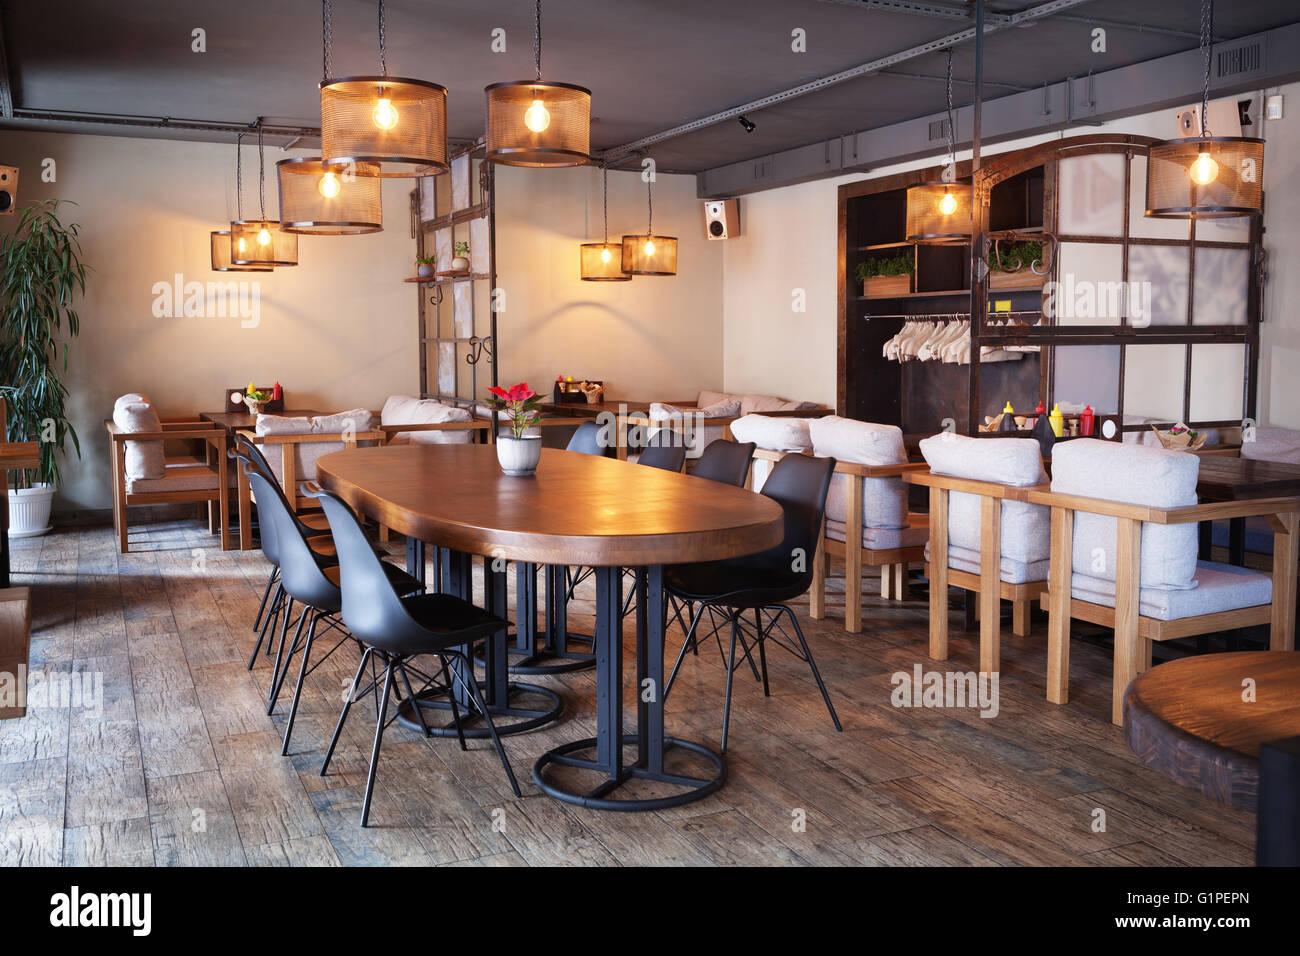 Moderne europäische Café Interieur in der Innenstadt Stockfoto, Bild ...